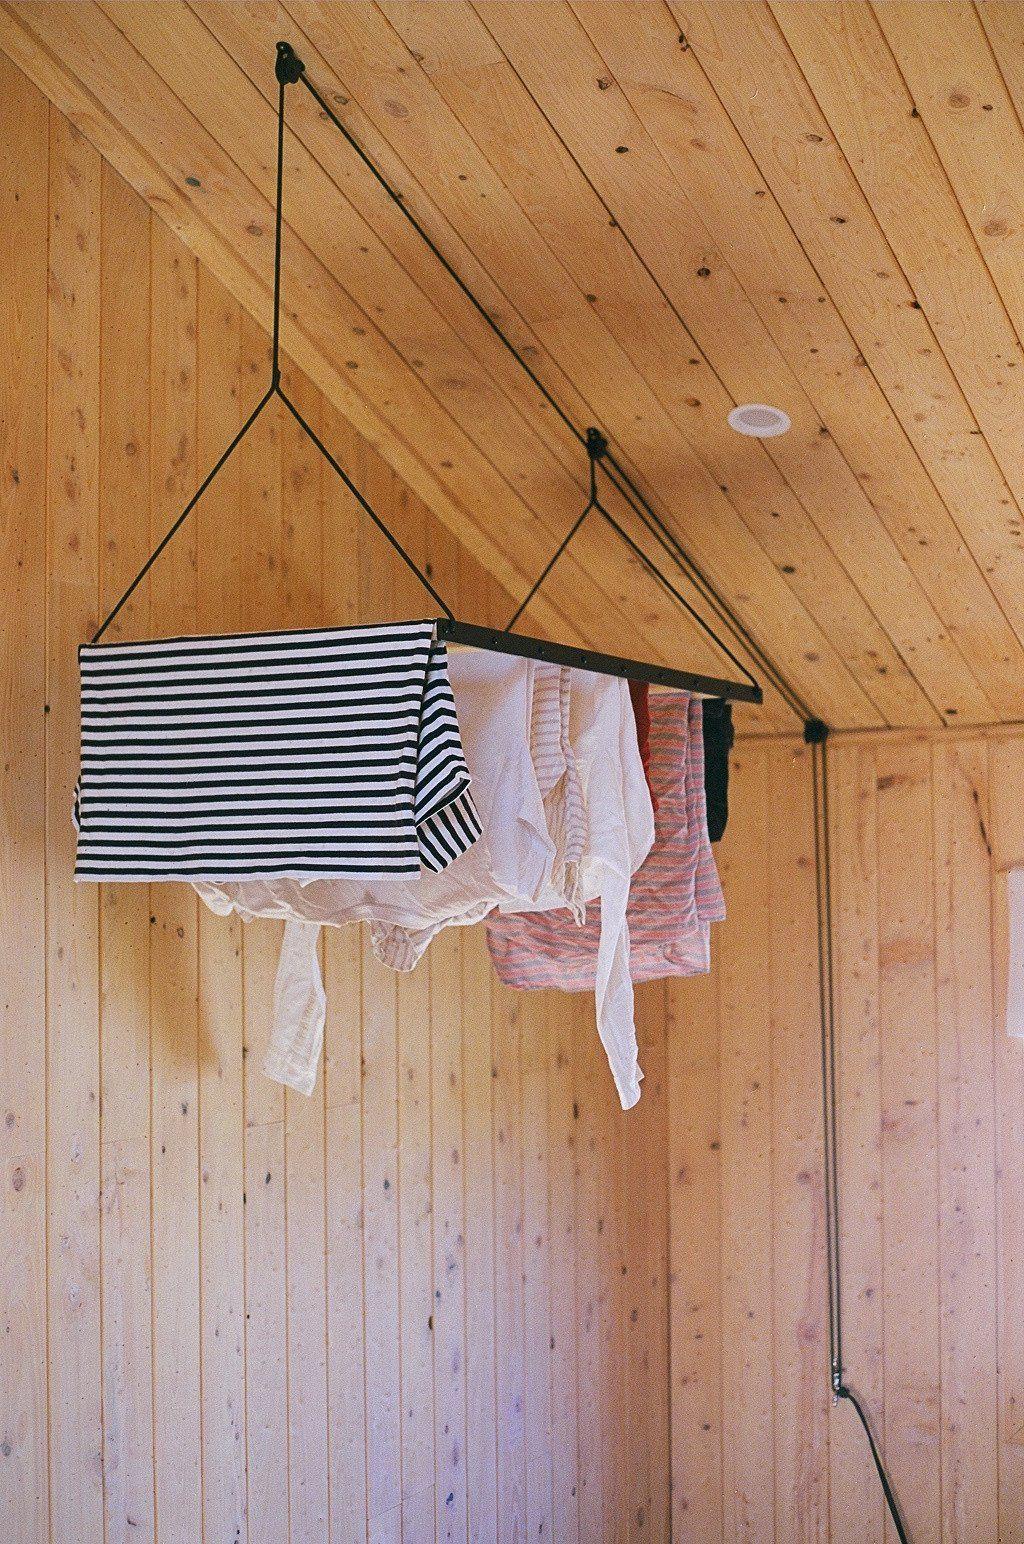 Hanging Drying Rack Hanging Drying Rack Drying Rack Hanging